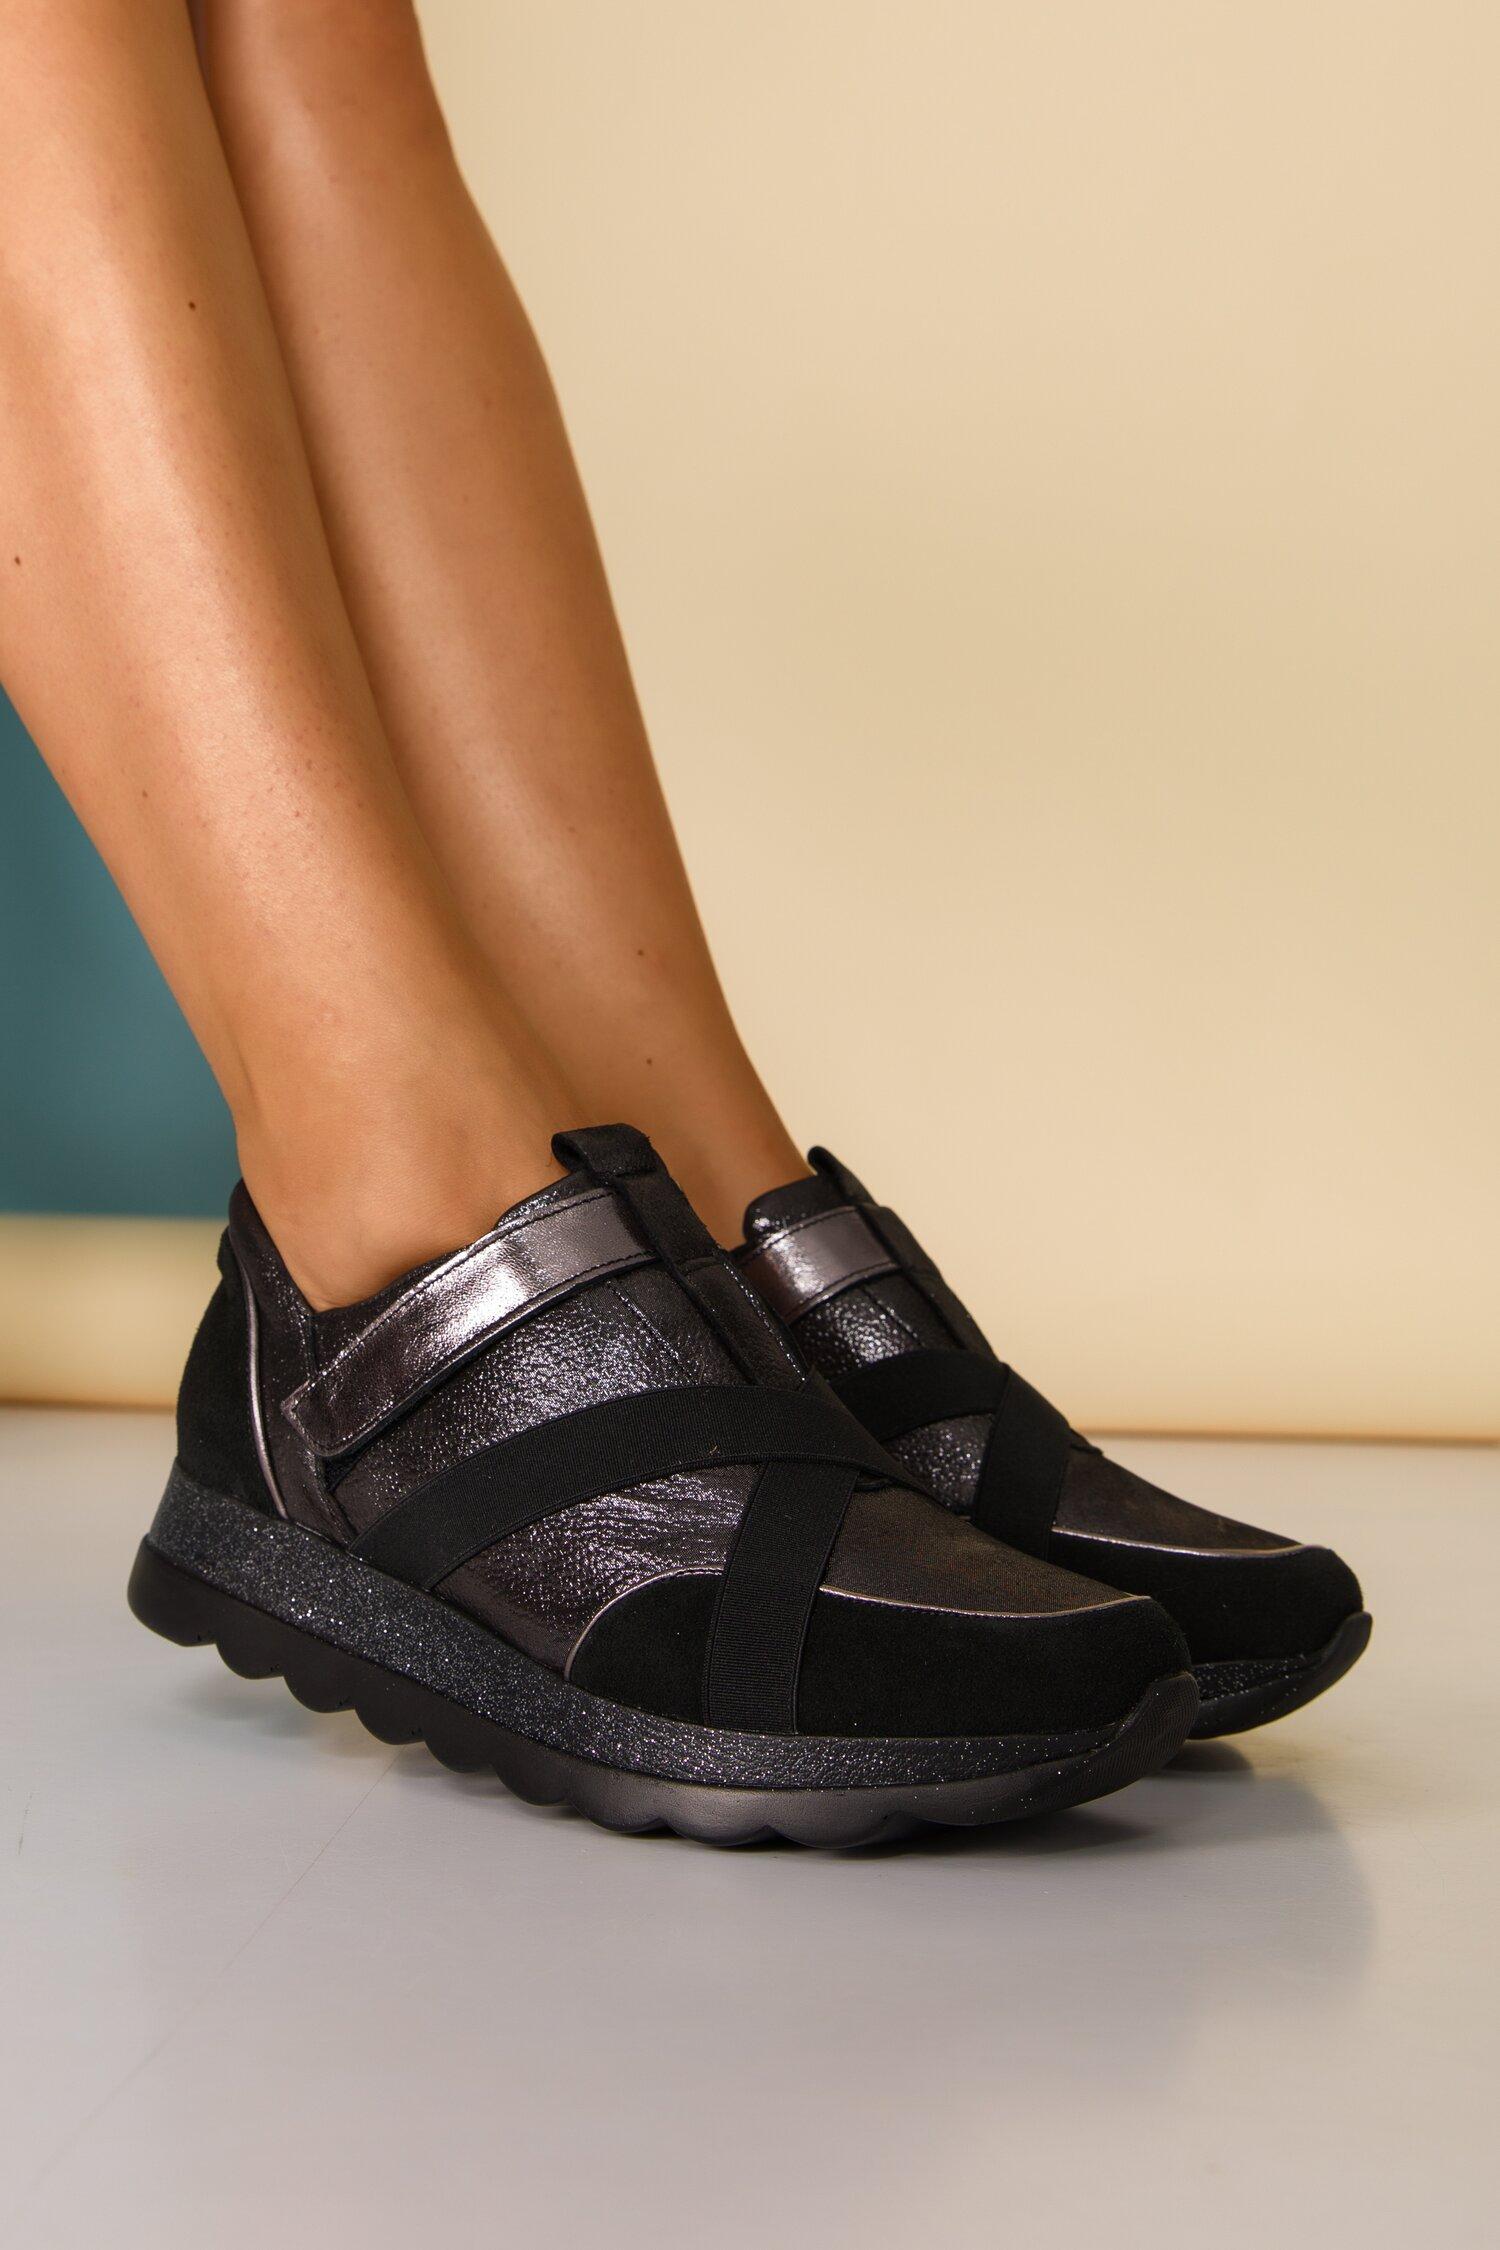 Pantofi sport negri cu benzi elastice decorative si sclipici pe talpa imagine